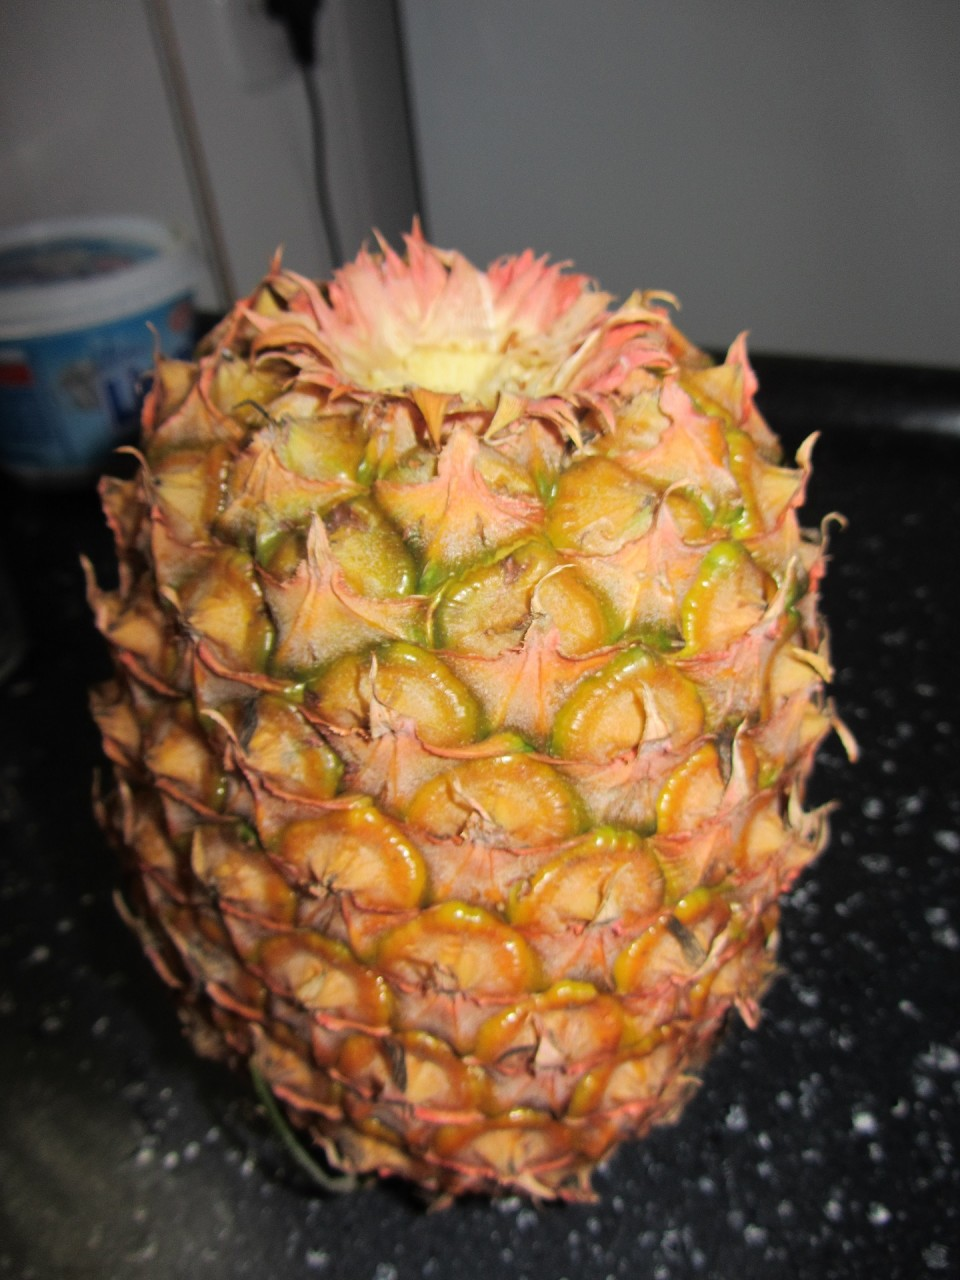 Contraindicações do abacaxi